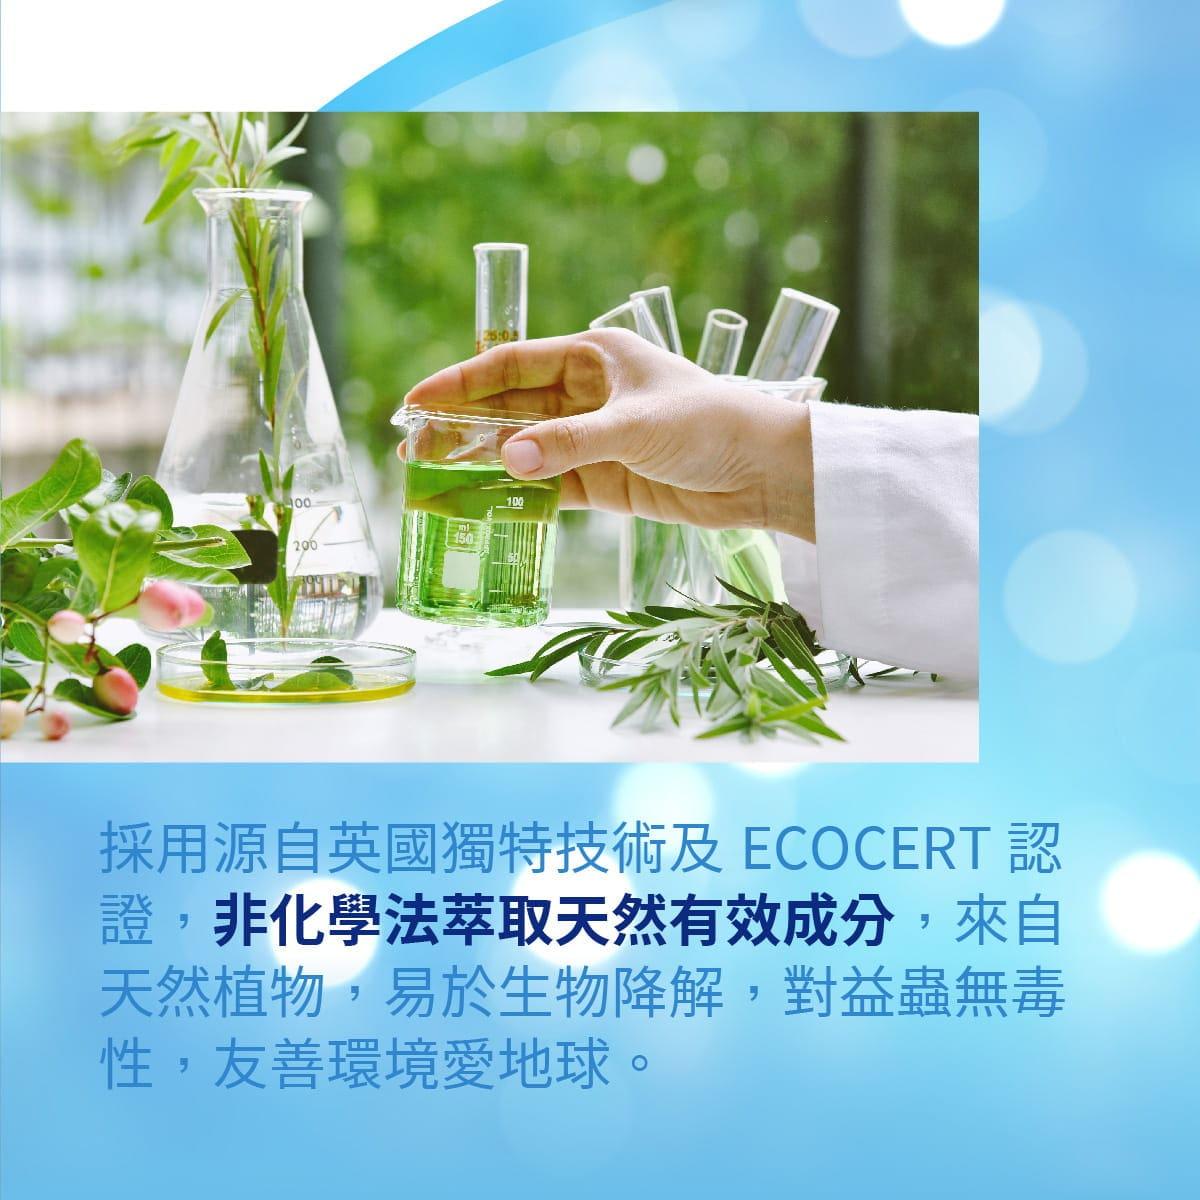 非化學法萃取天然有效成分,來自天然植物,易於生物降解,對益蟲無毒性,友善環境愛地球